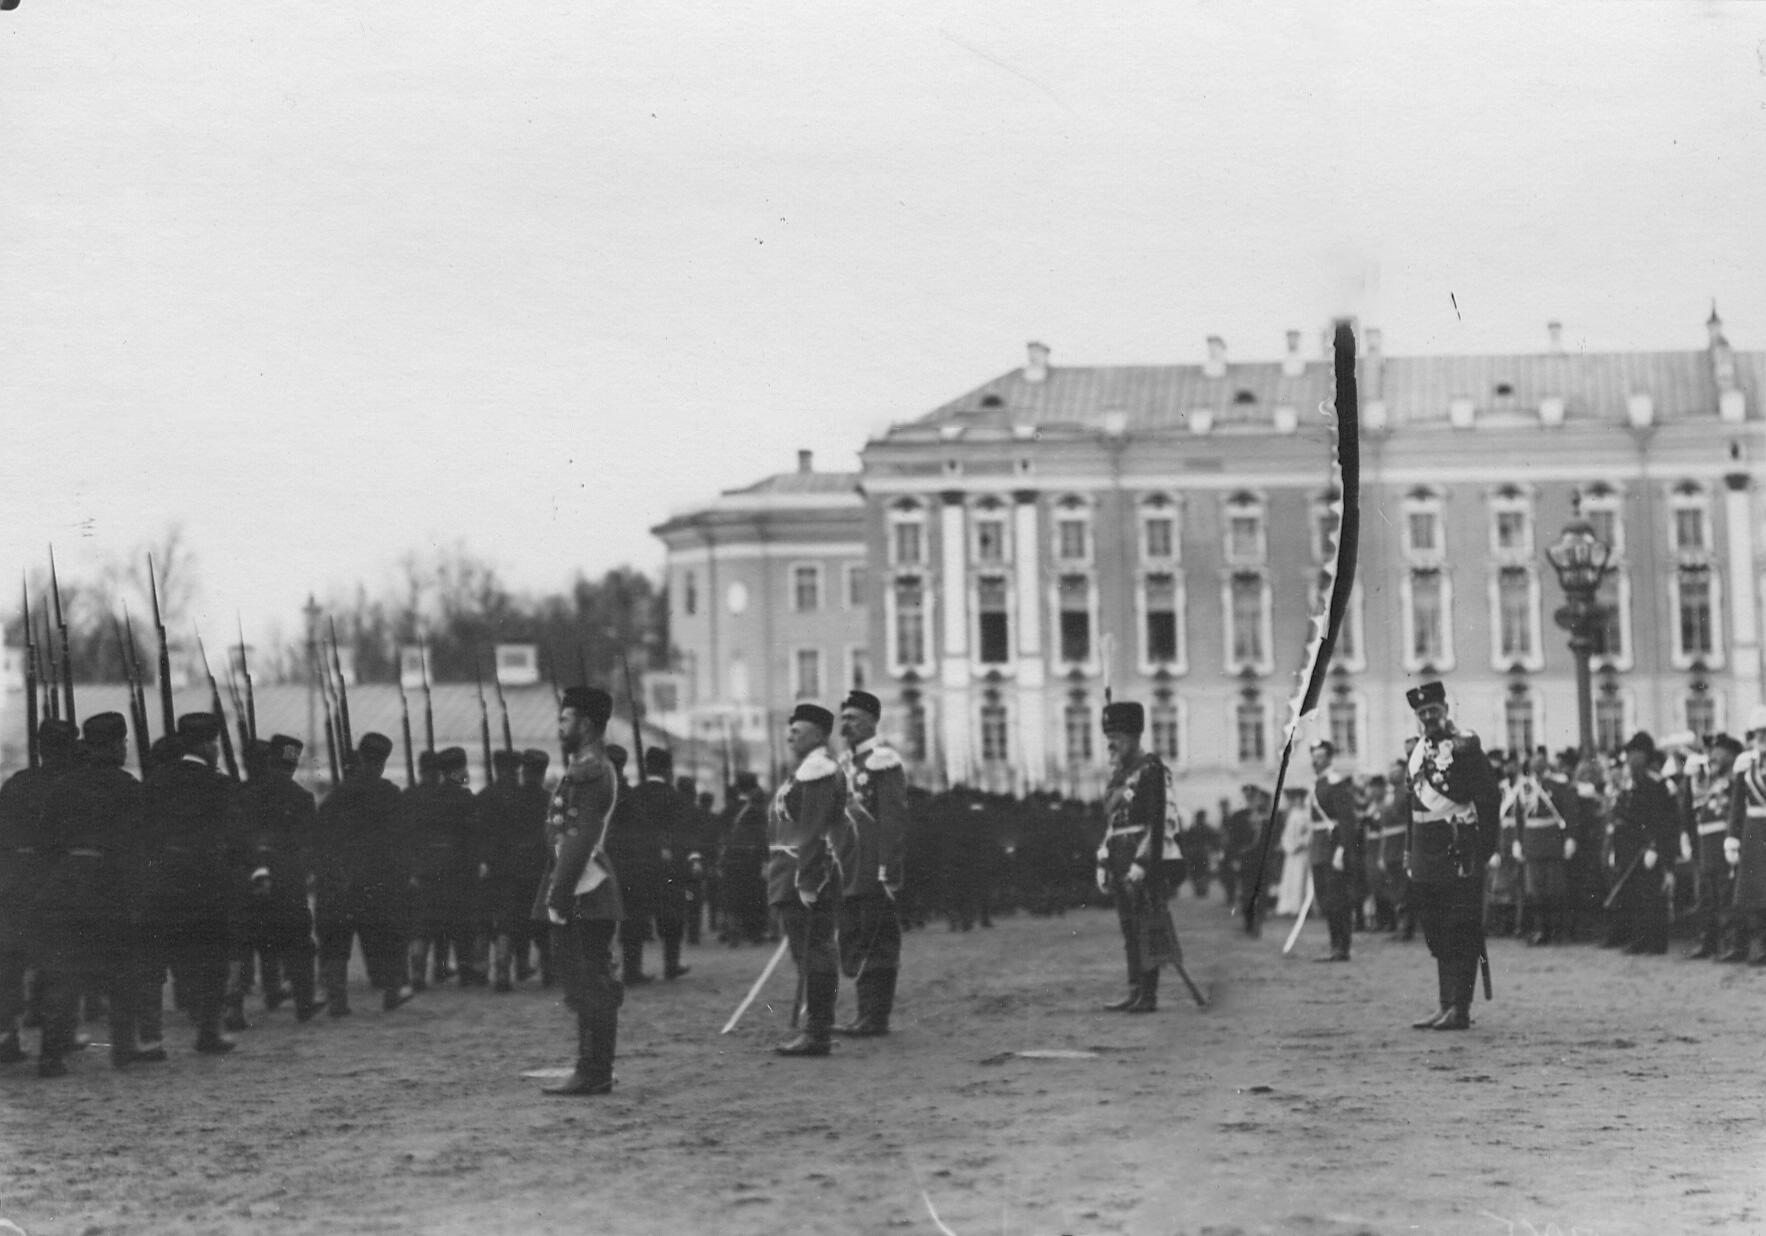 Император Николай II принимает парад 2-го стрелкового Царскосельского батальона. 21 апреля 1905